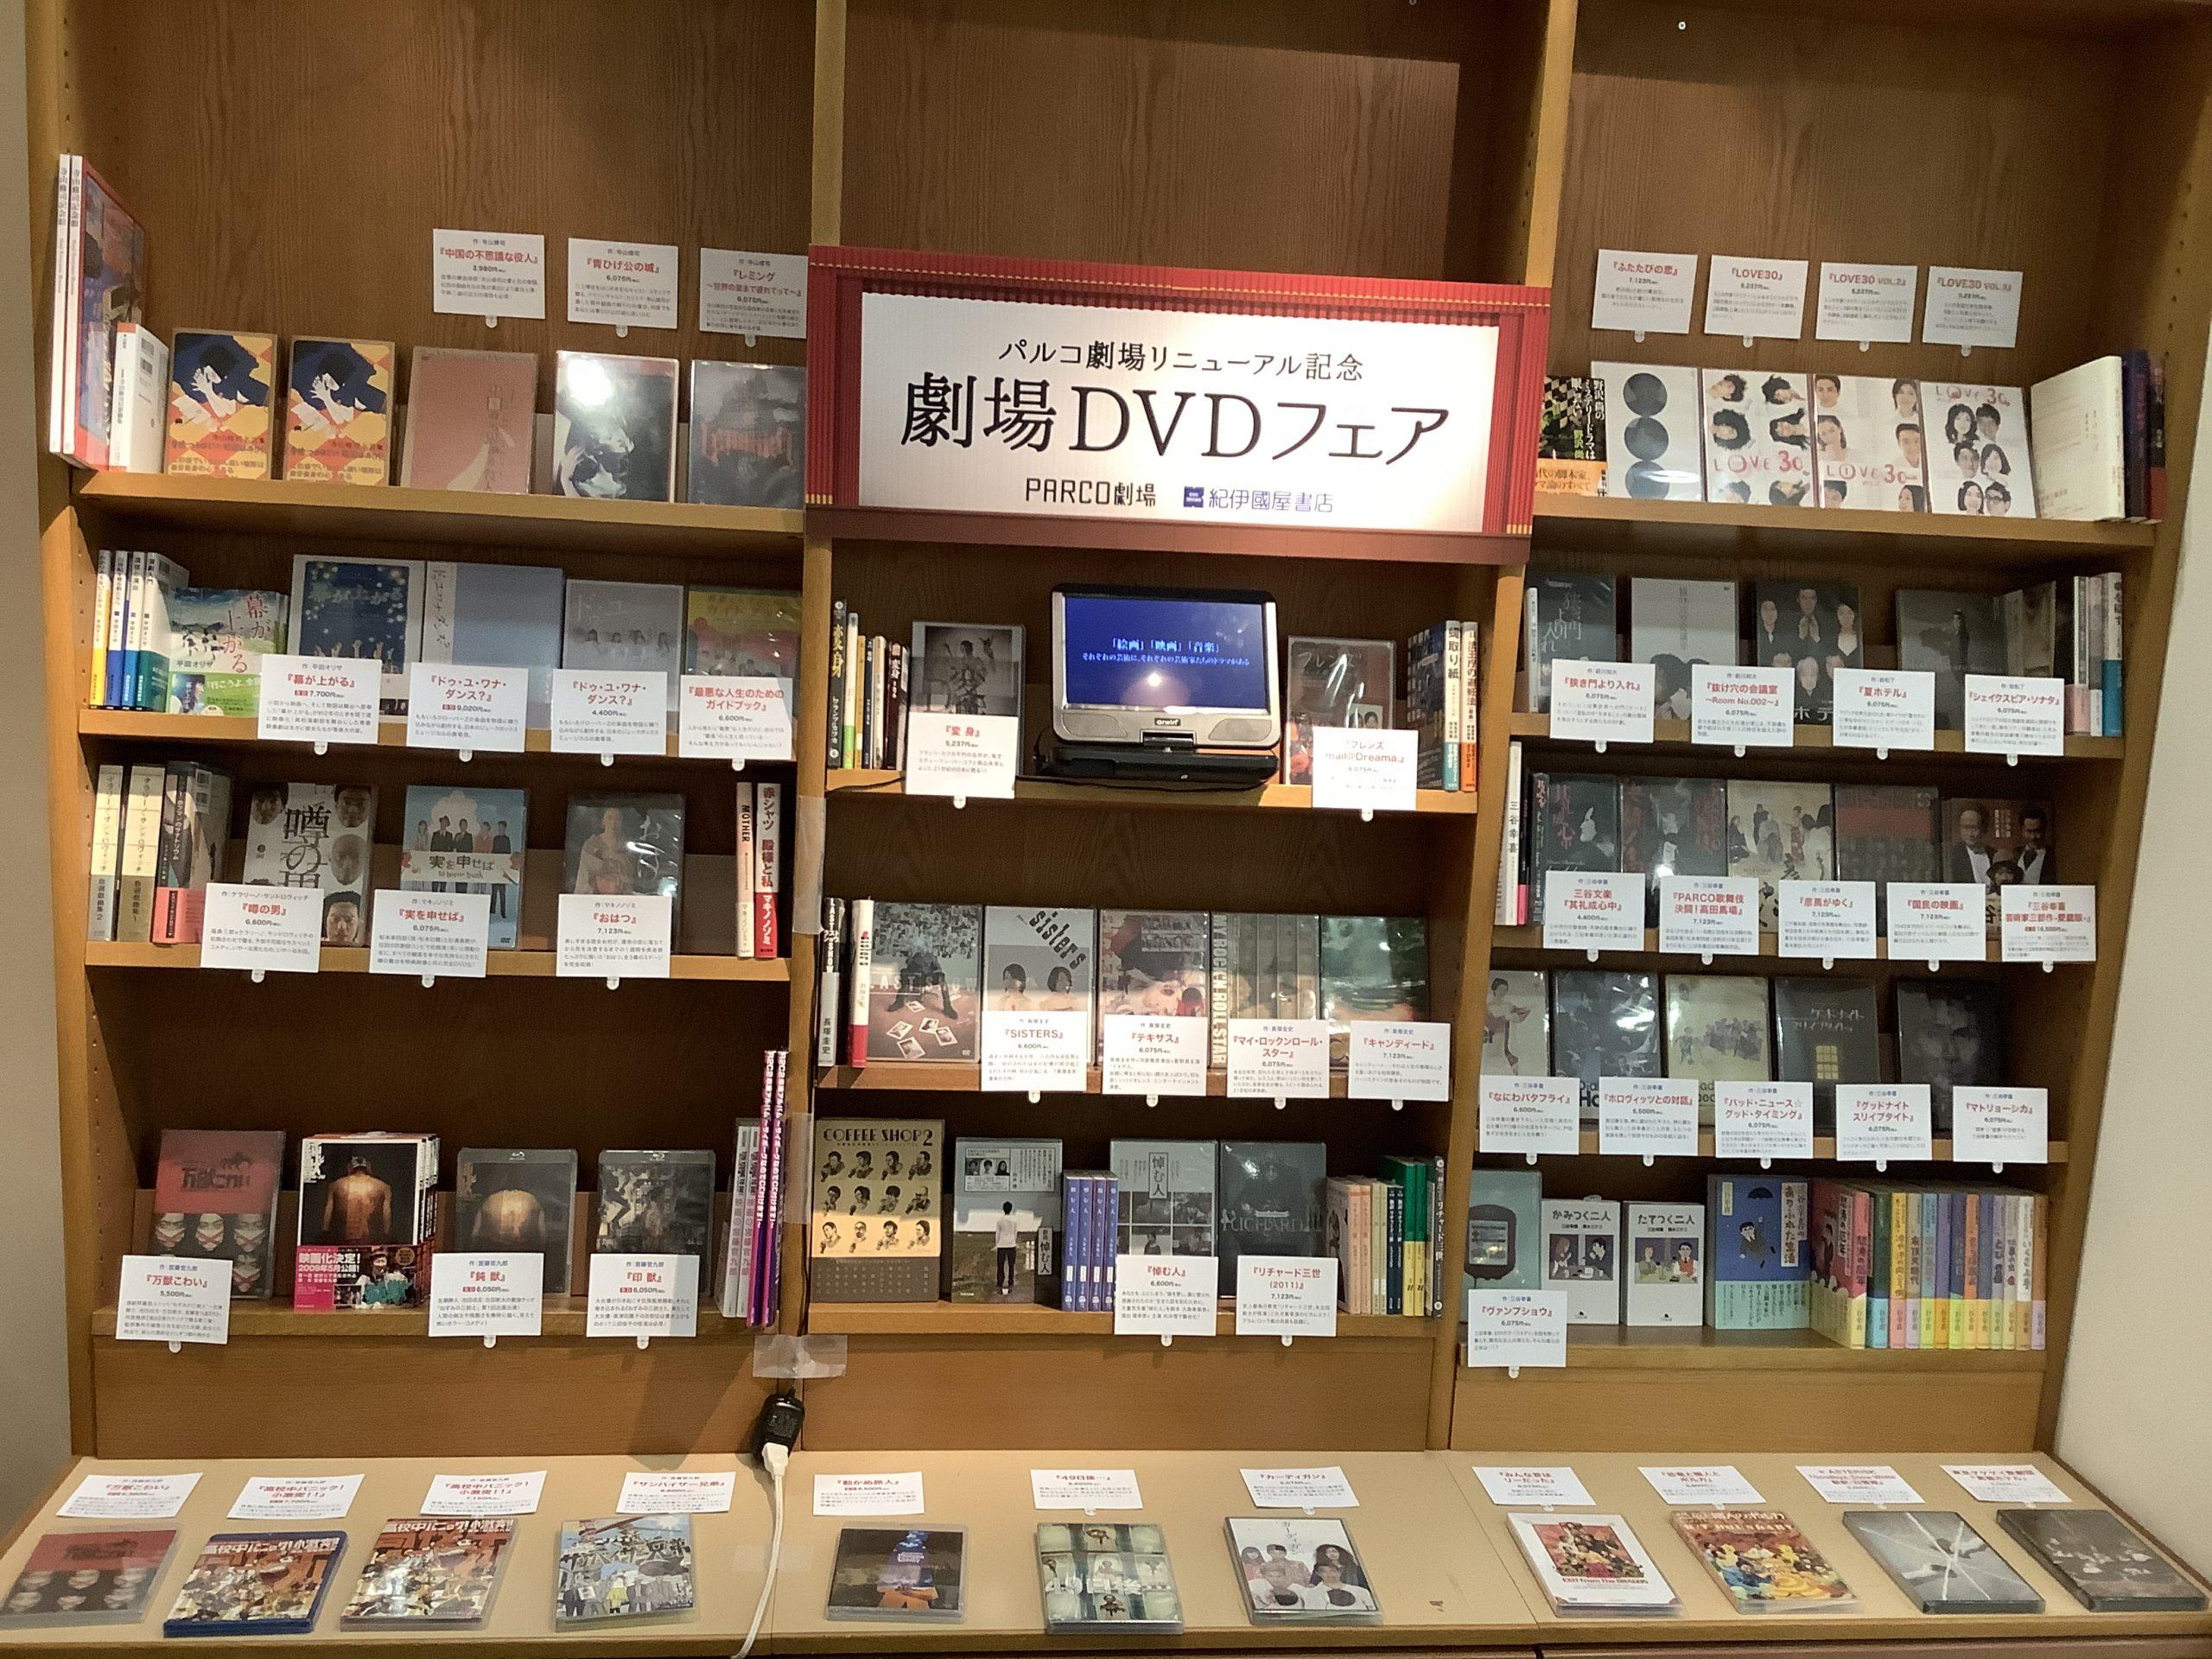 紀伊國屋書店:【4階 フェア】パルコ劇場リニューアル記念 演劇DVDフェア